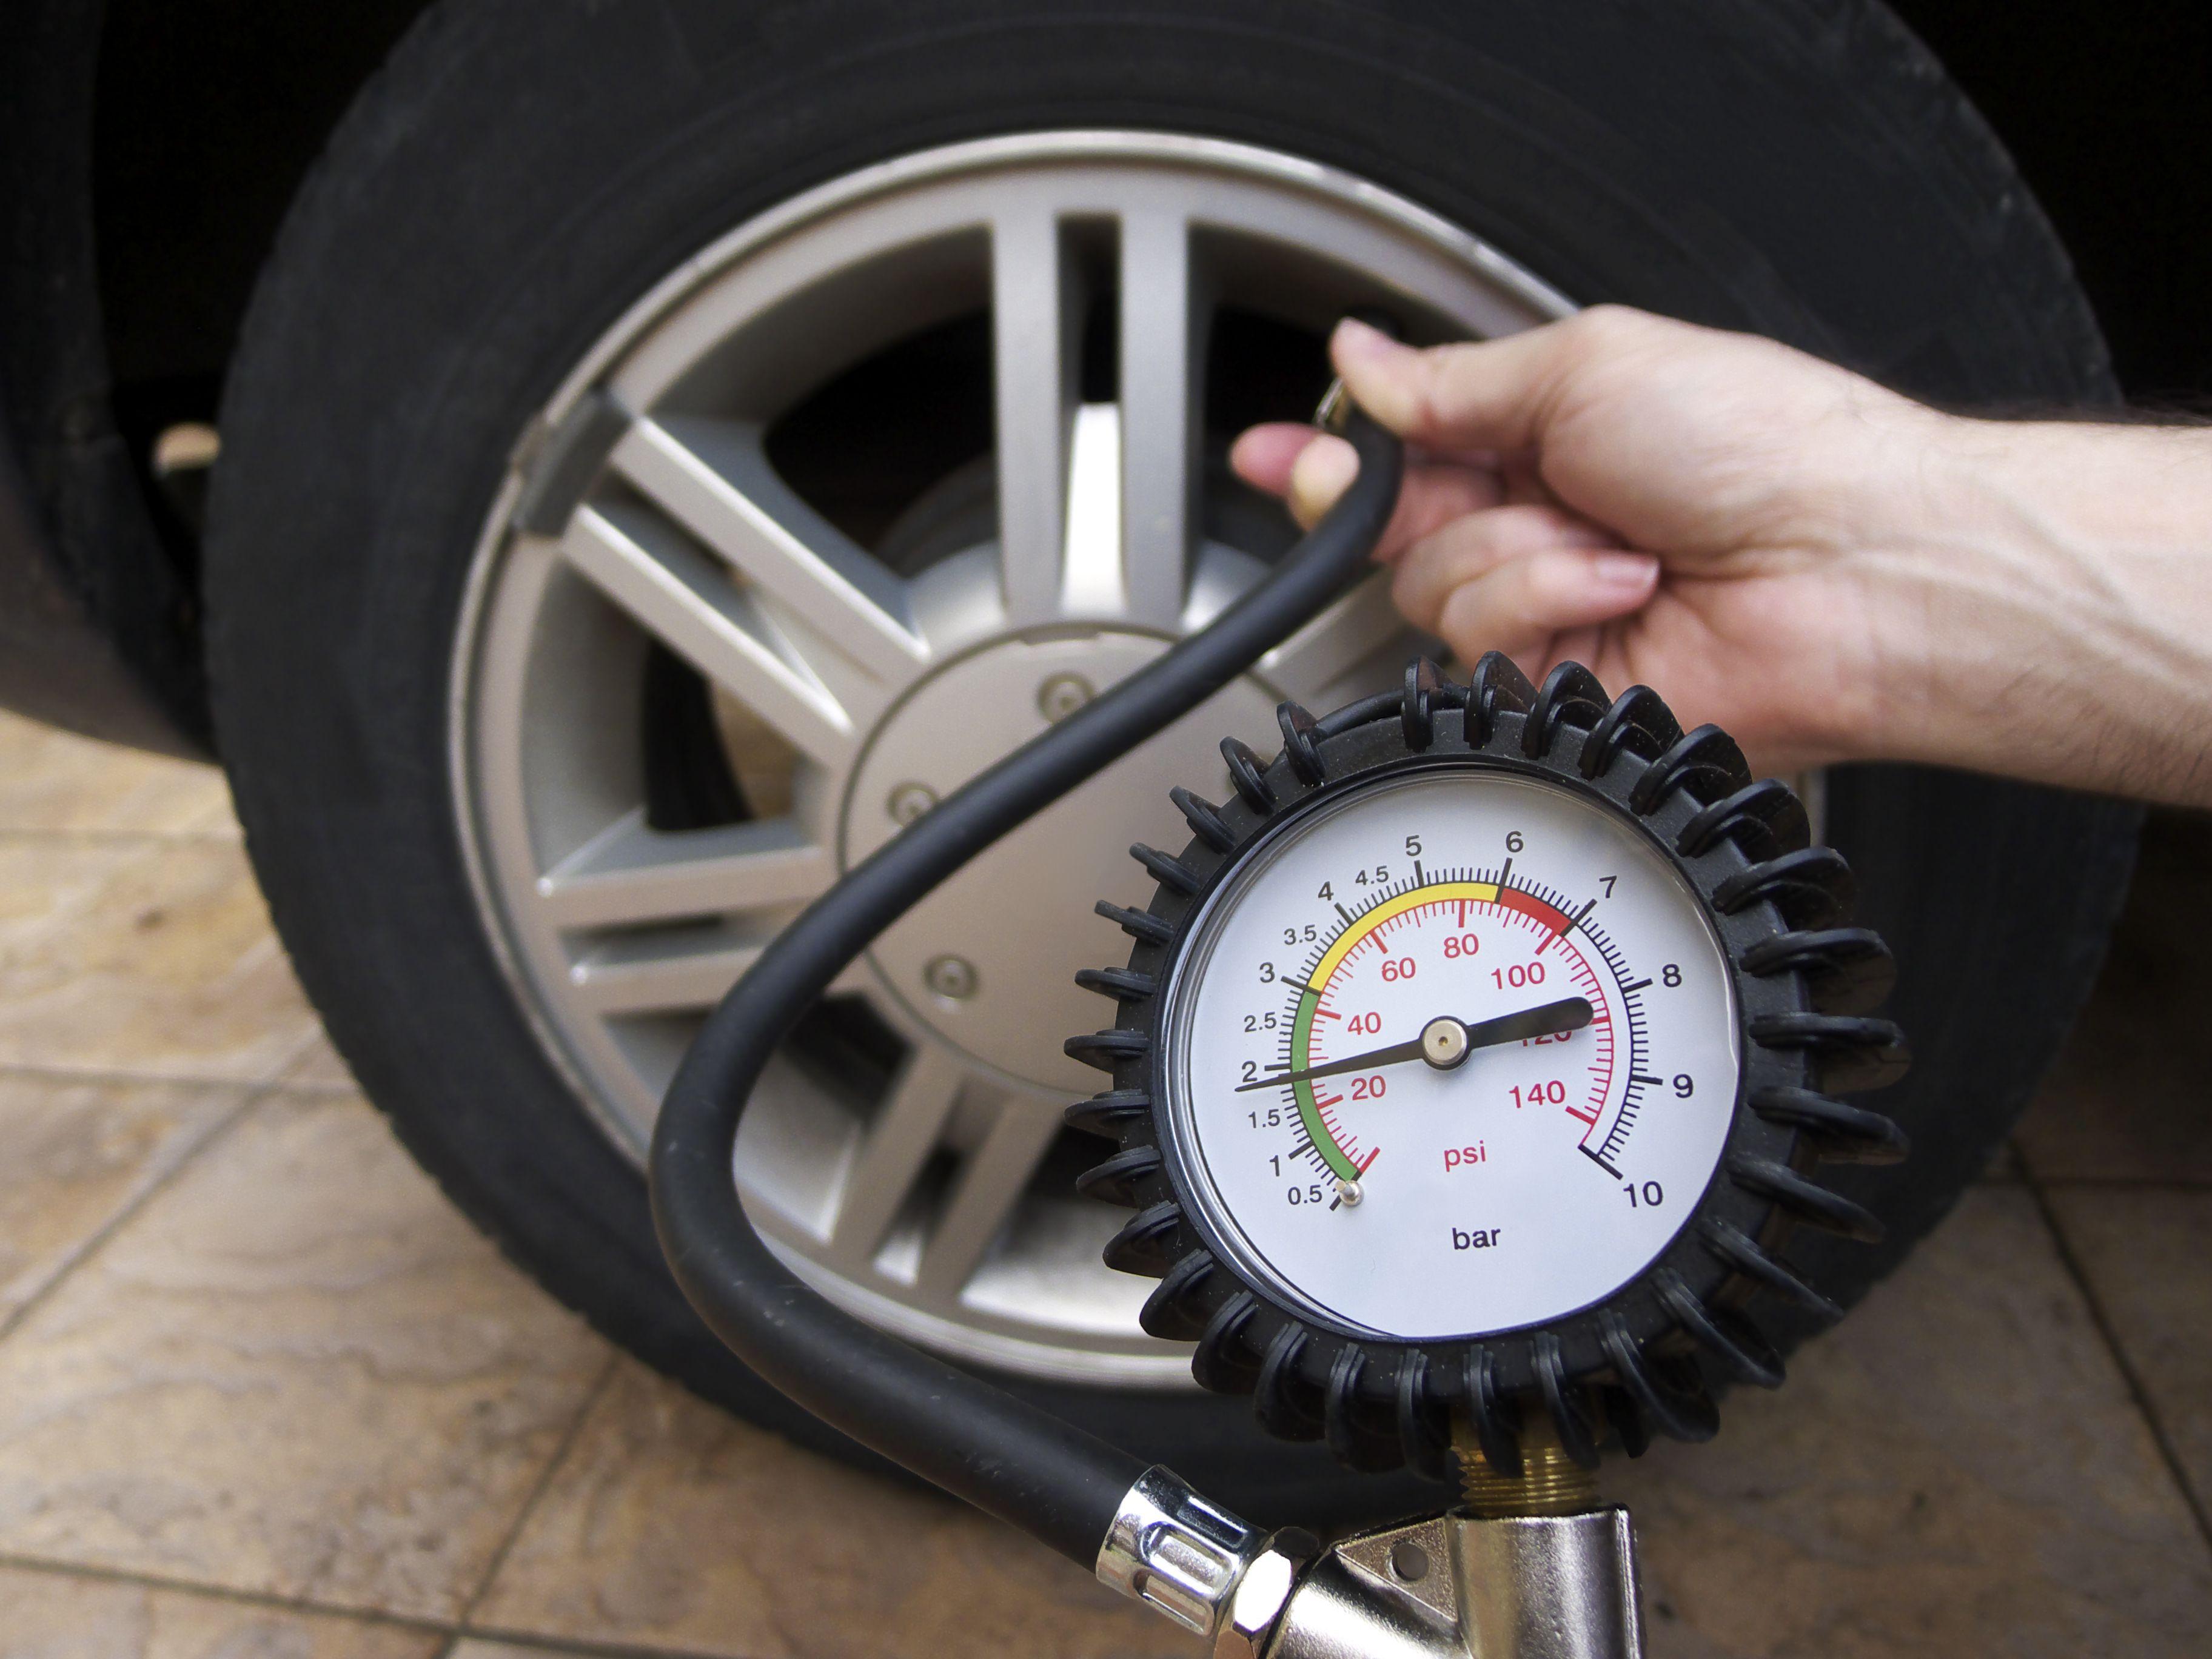 Alineaciones de vehículos y sustitución de neumáticos en Puerto del Rosario